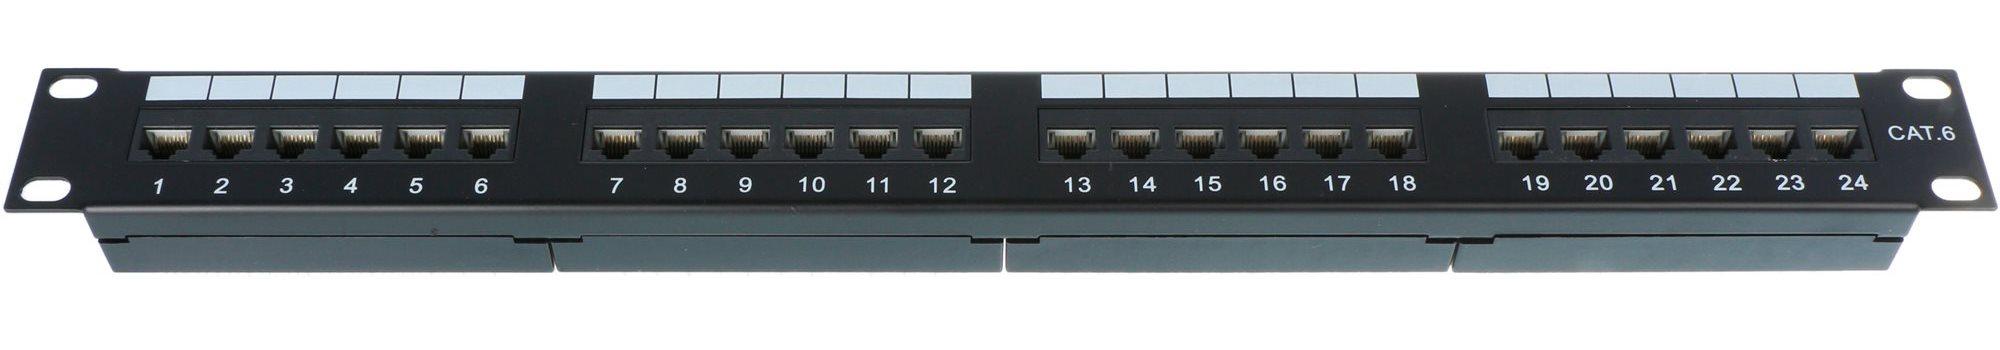 Datacom 24x RJ45 Portos, CAT6, UTP, Fekete, 1U